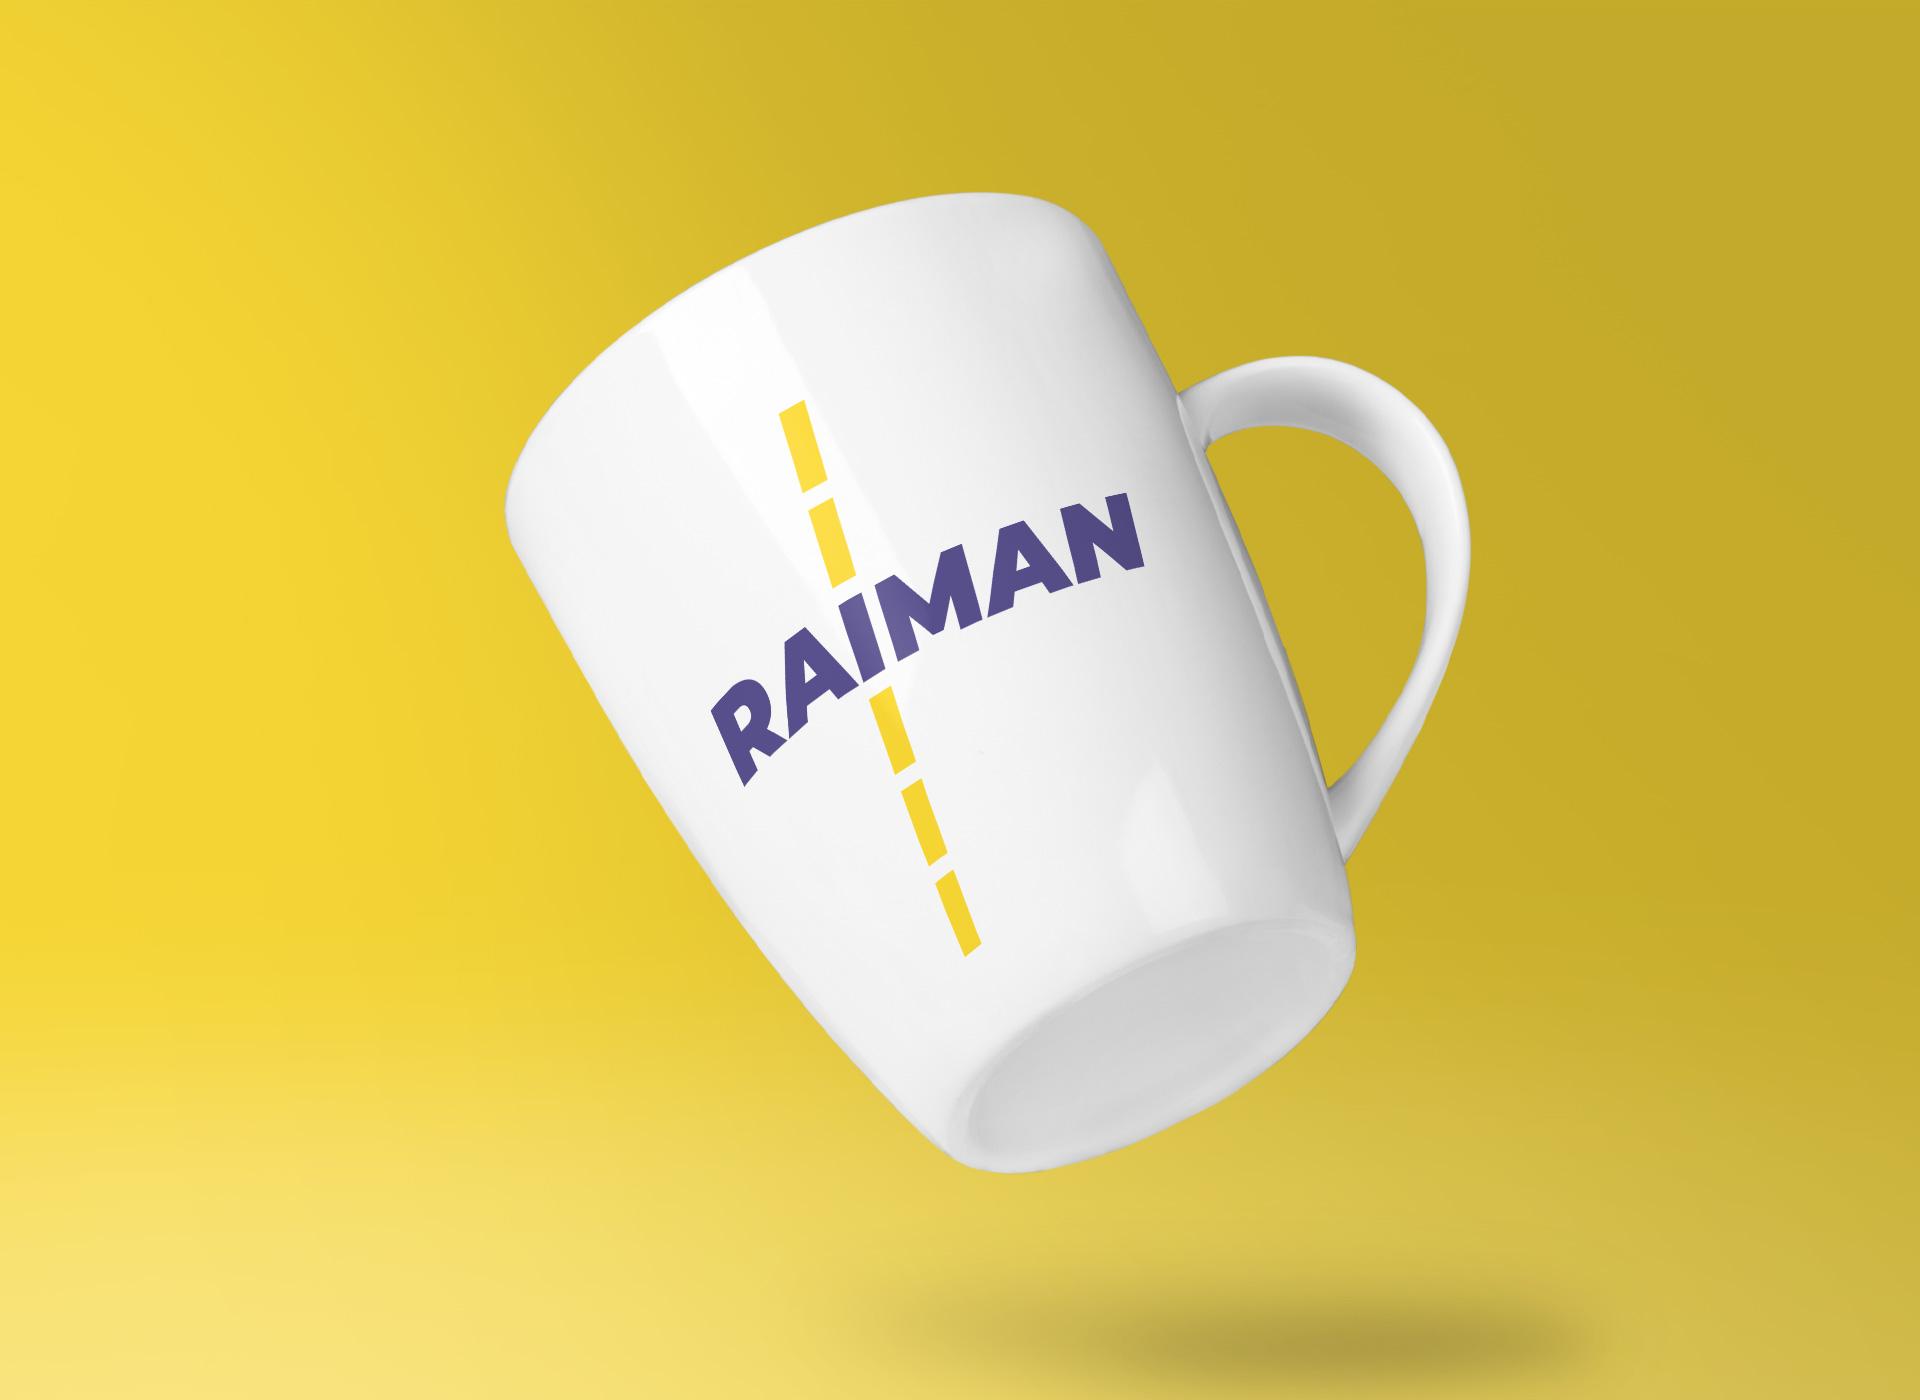 raiman portofoliu inoveo mug